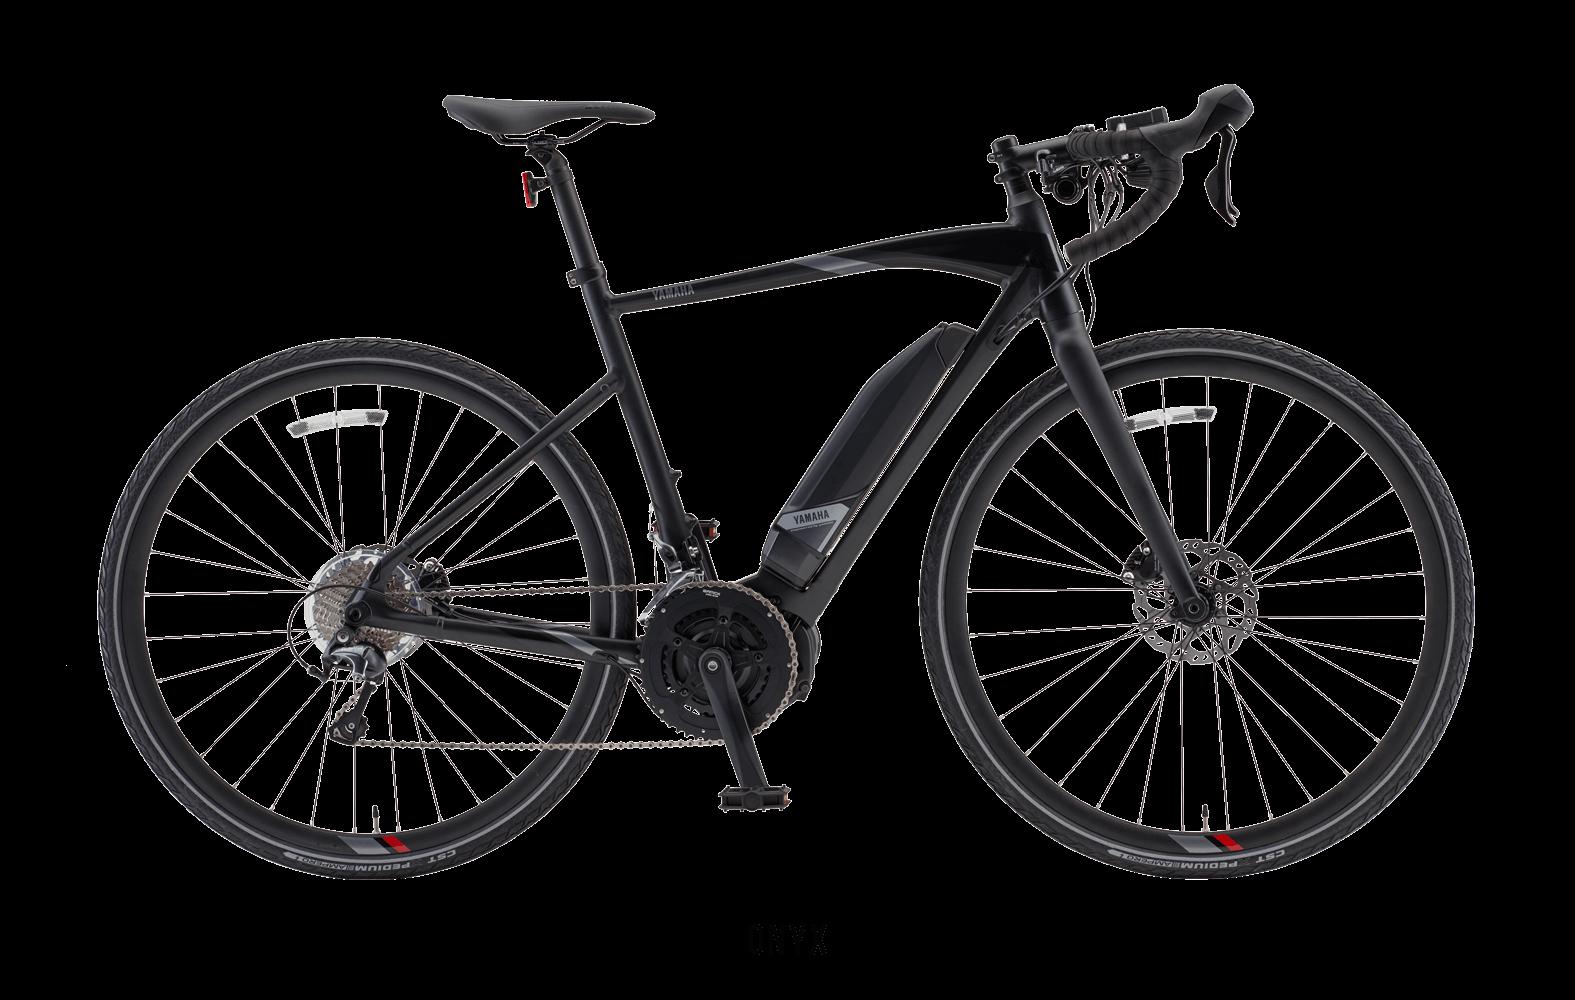 yamaha electric bicycles, e-bikes, urban rush, Yamaha dealers